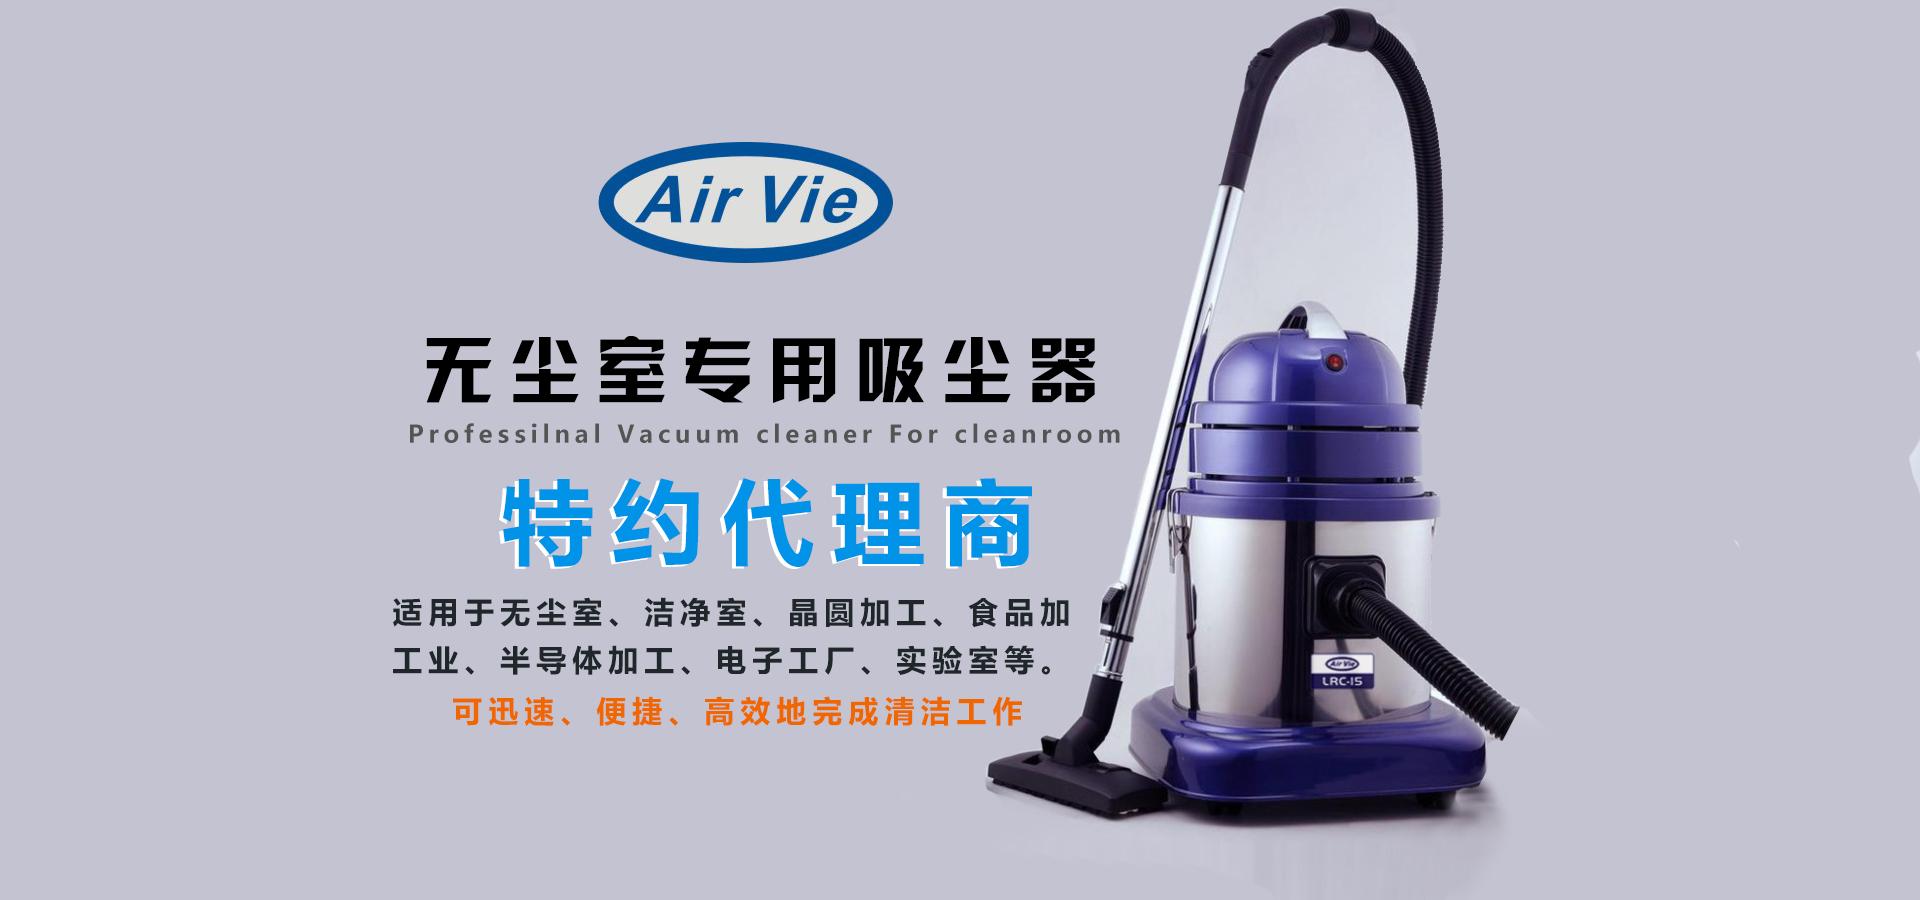 无尘室专用吸尘器